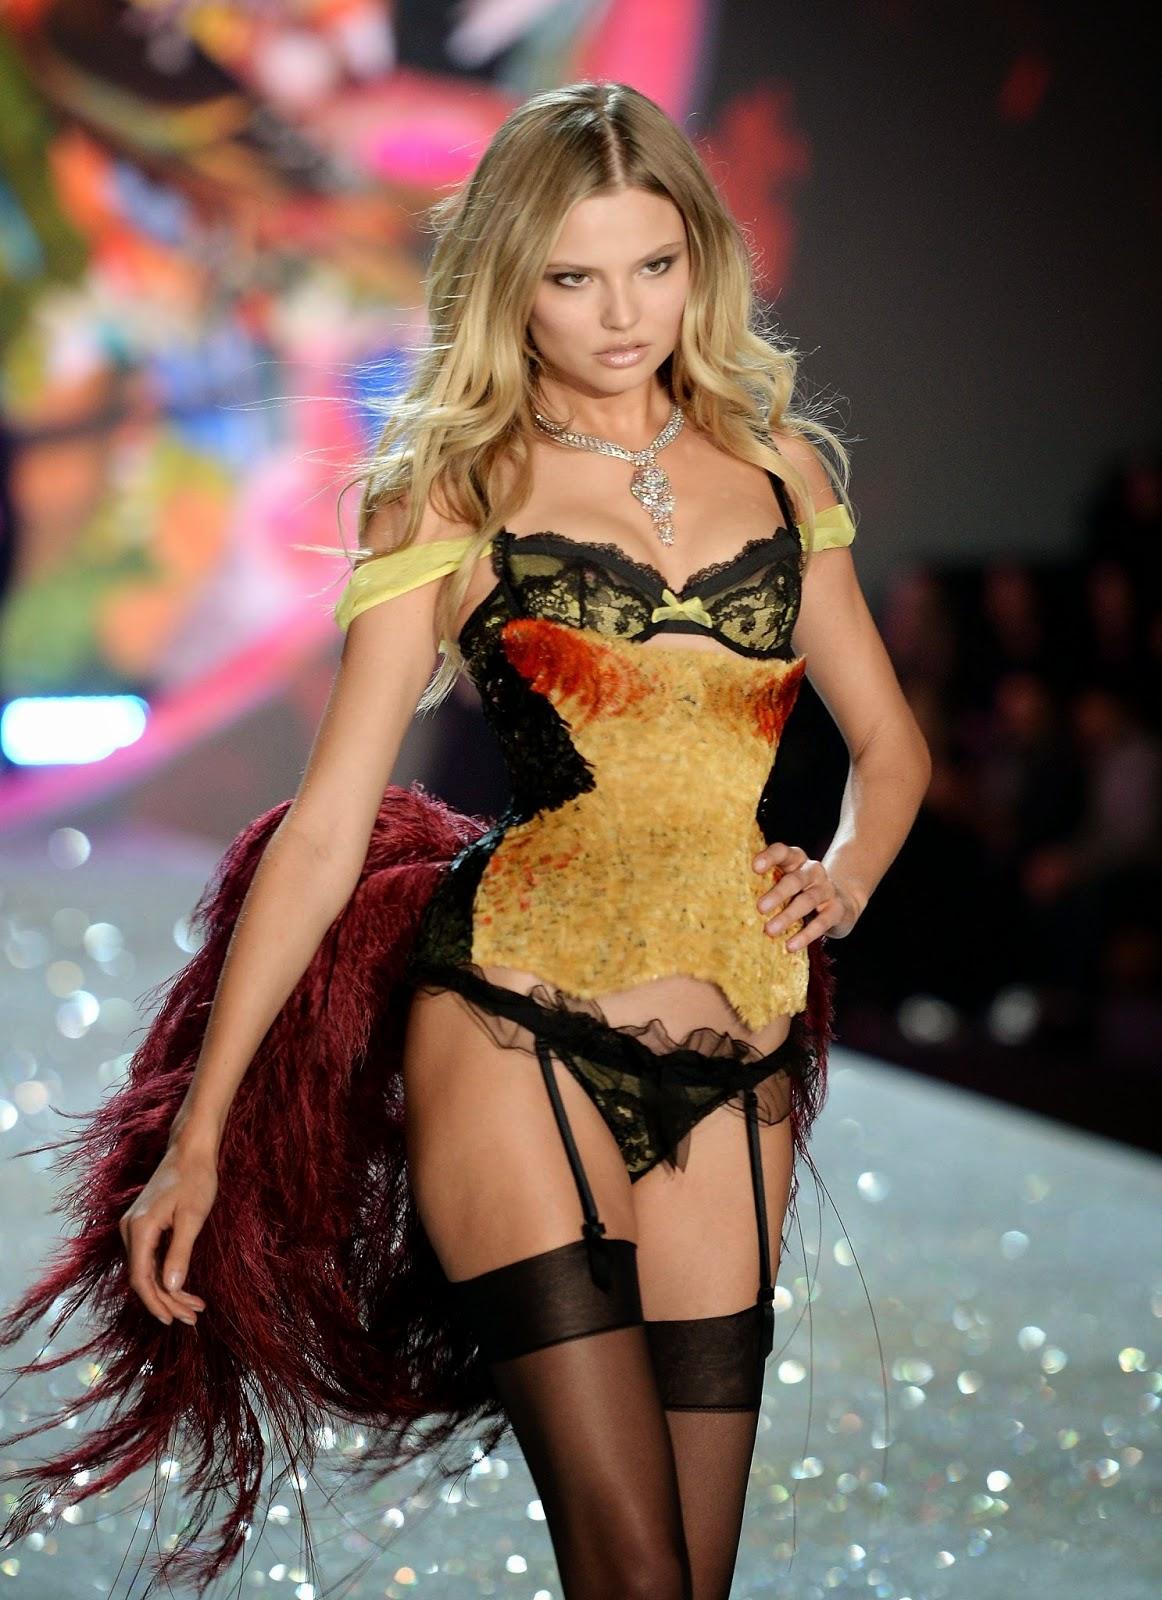 صوره عارضات ازياء داخليه عرض ازياء ملابس داخلية , اشهر ماركات الملابس الداخلية للنساء